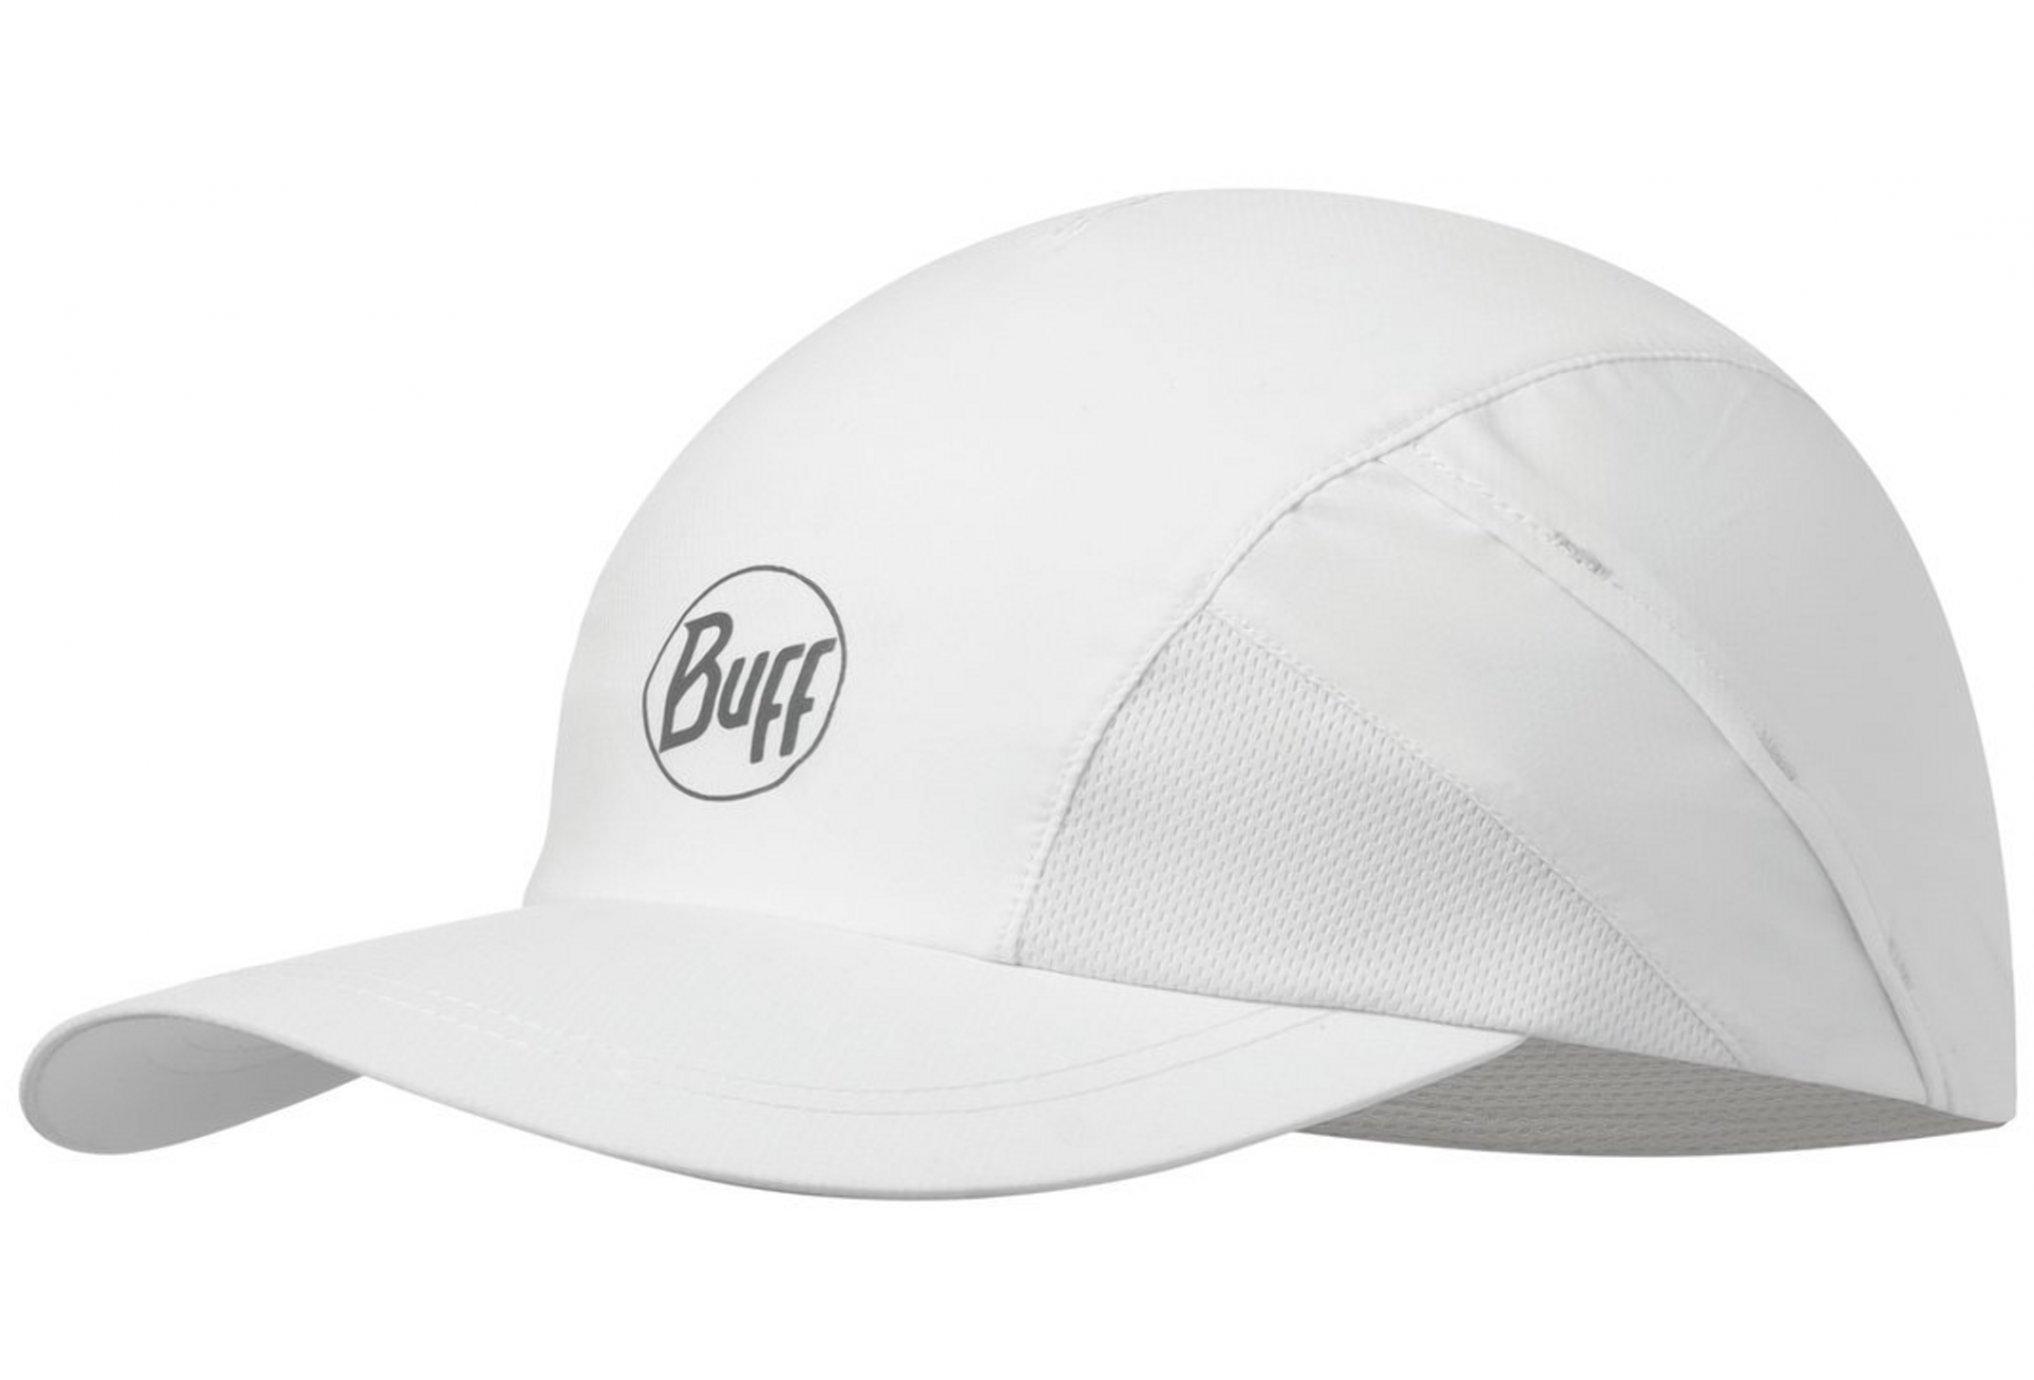 Buff Pro Run Cap R-Solid White Casquettes / bandeaux